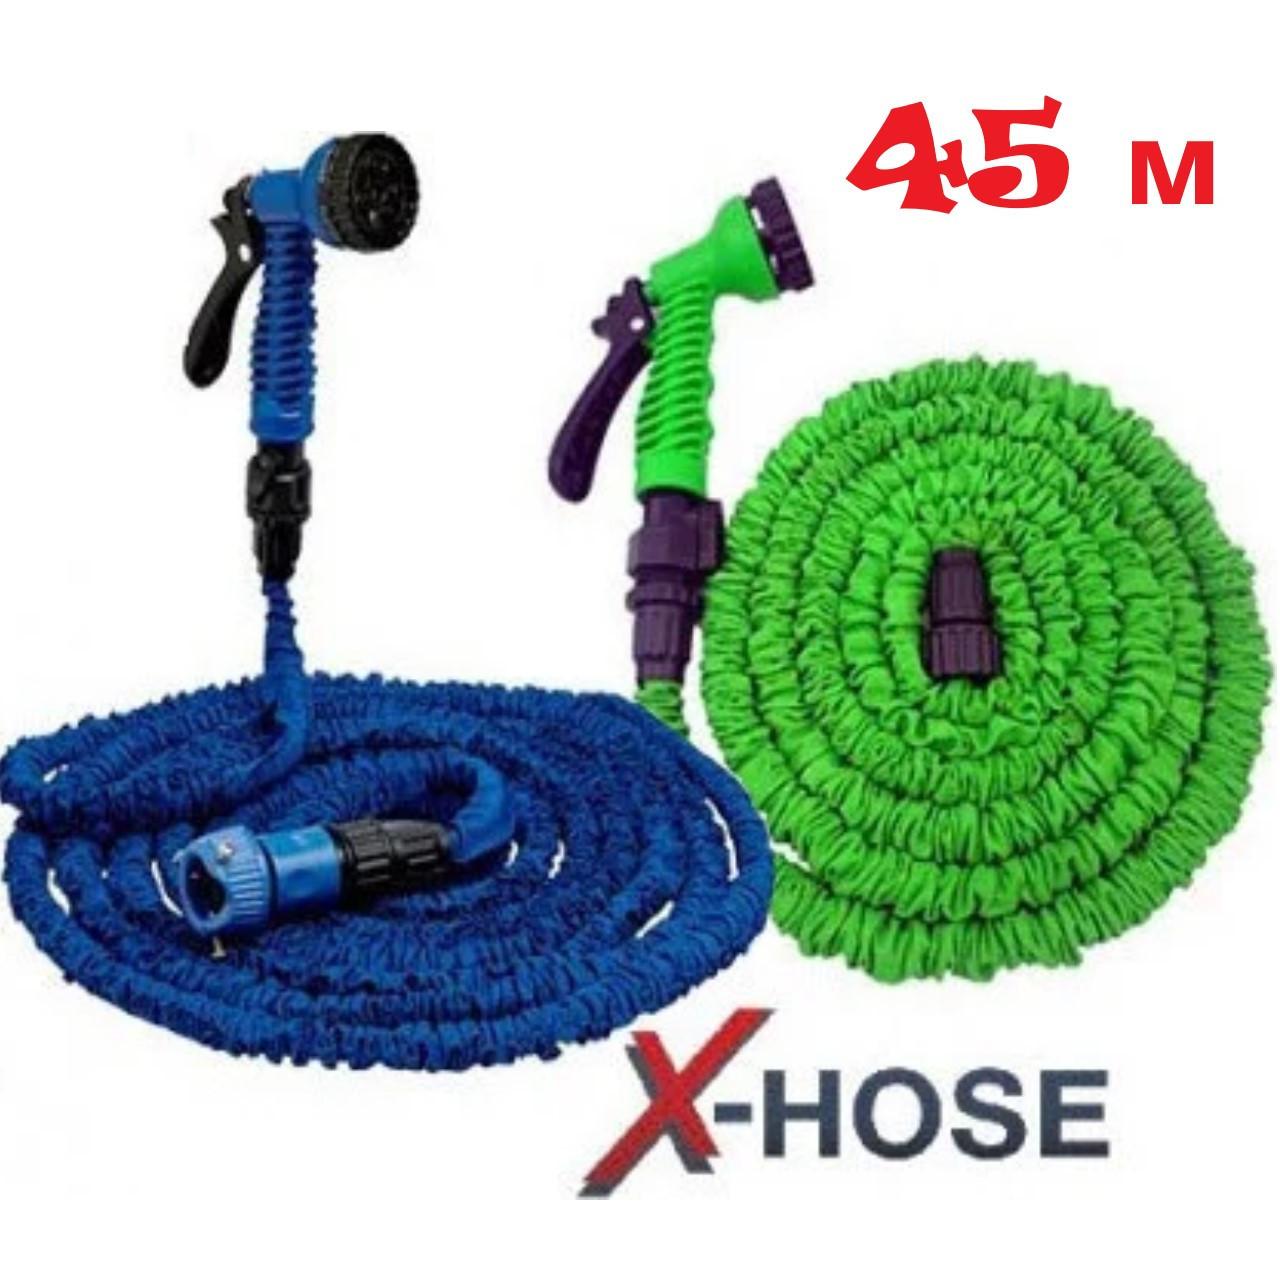 Поливочный шланг X-hose 45 метров (150 fut)